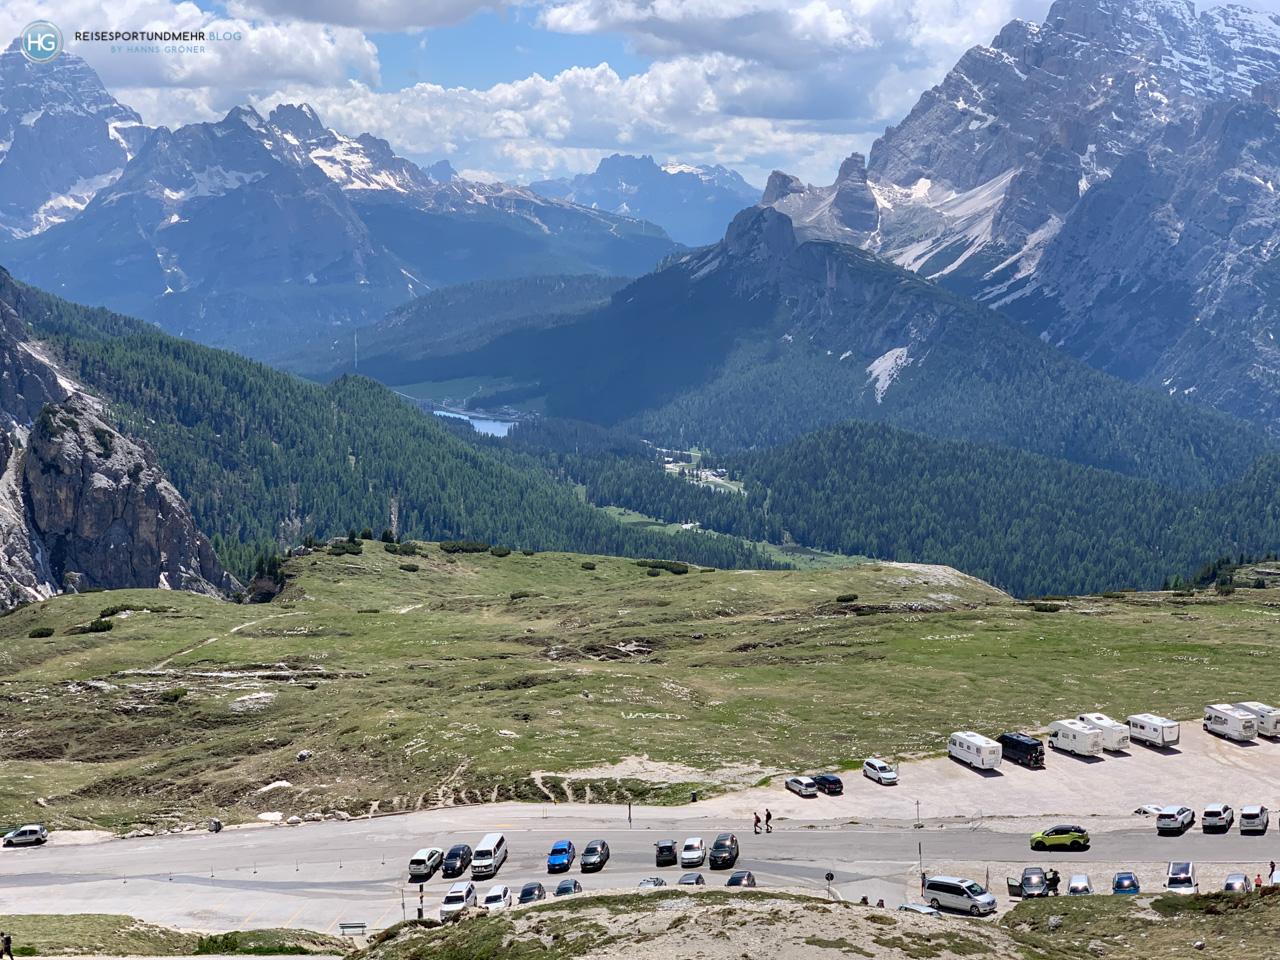 Dolomiten 2020 - Drei Zinnen - Parkplatz nahe Rifugio Auronzo mit Blick auf Misurinasee (Foto: Hanns Gröner)